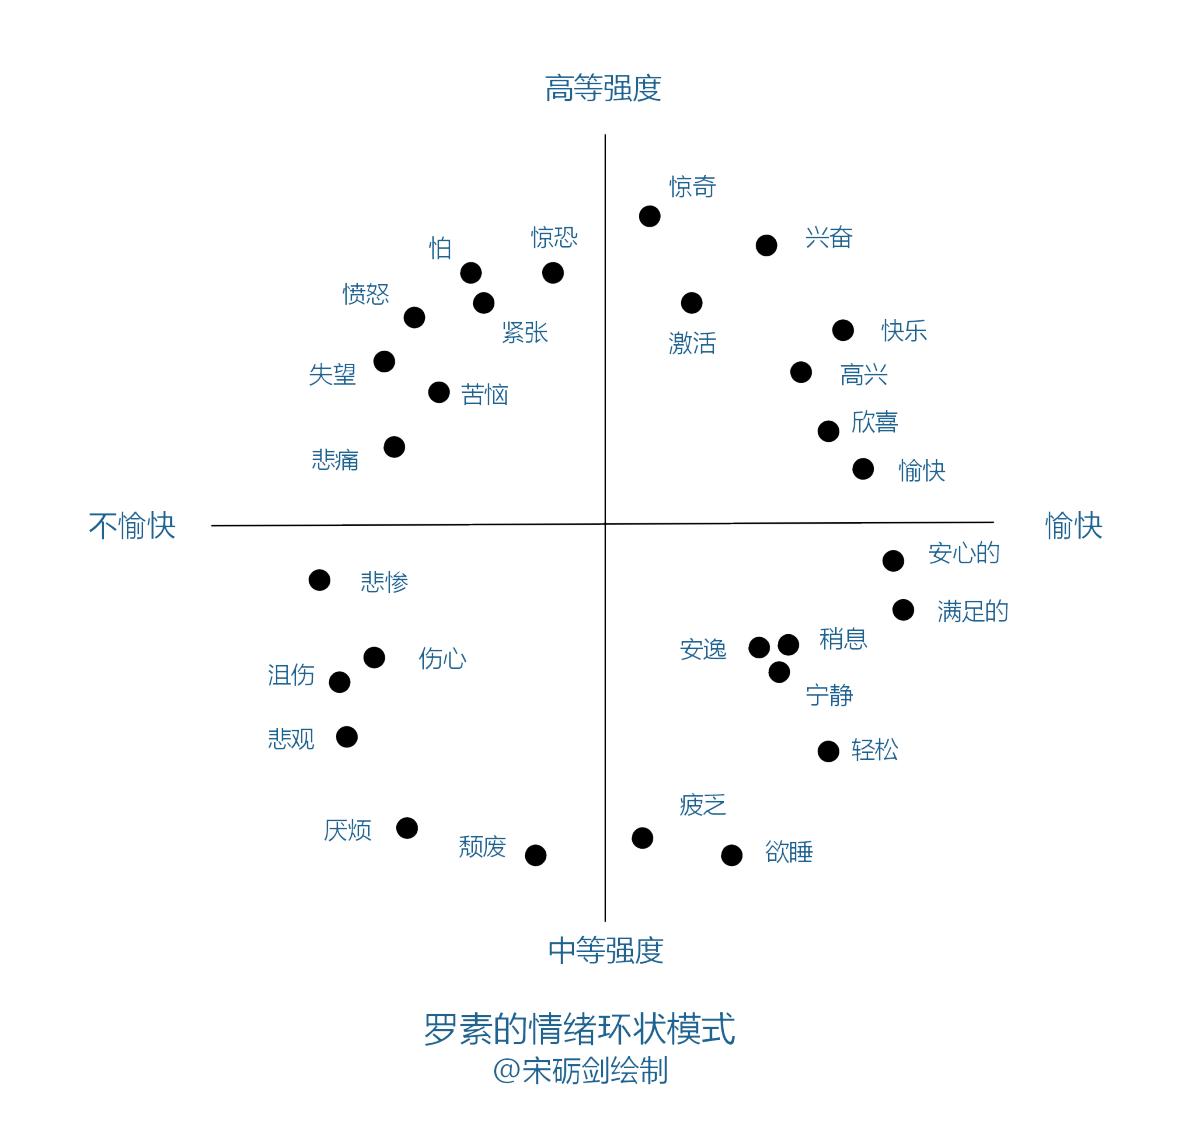 罗素情绪环状图_看图王.png